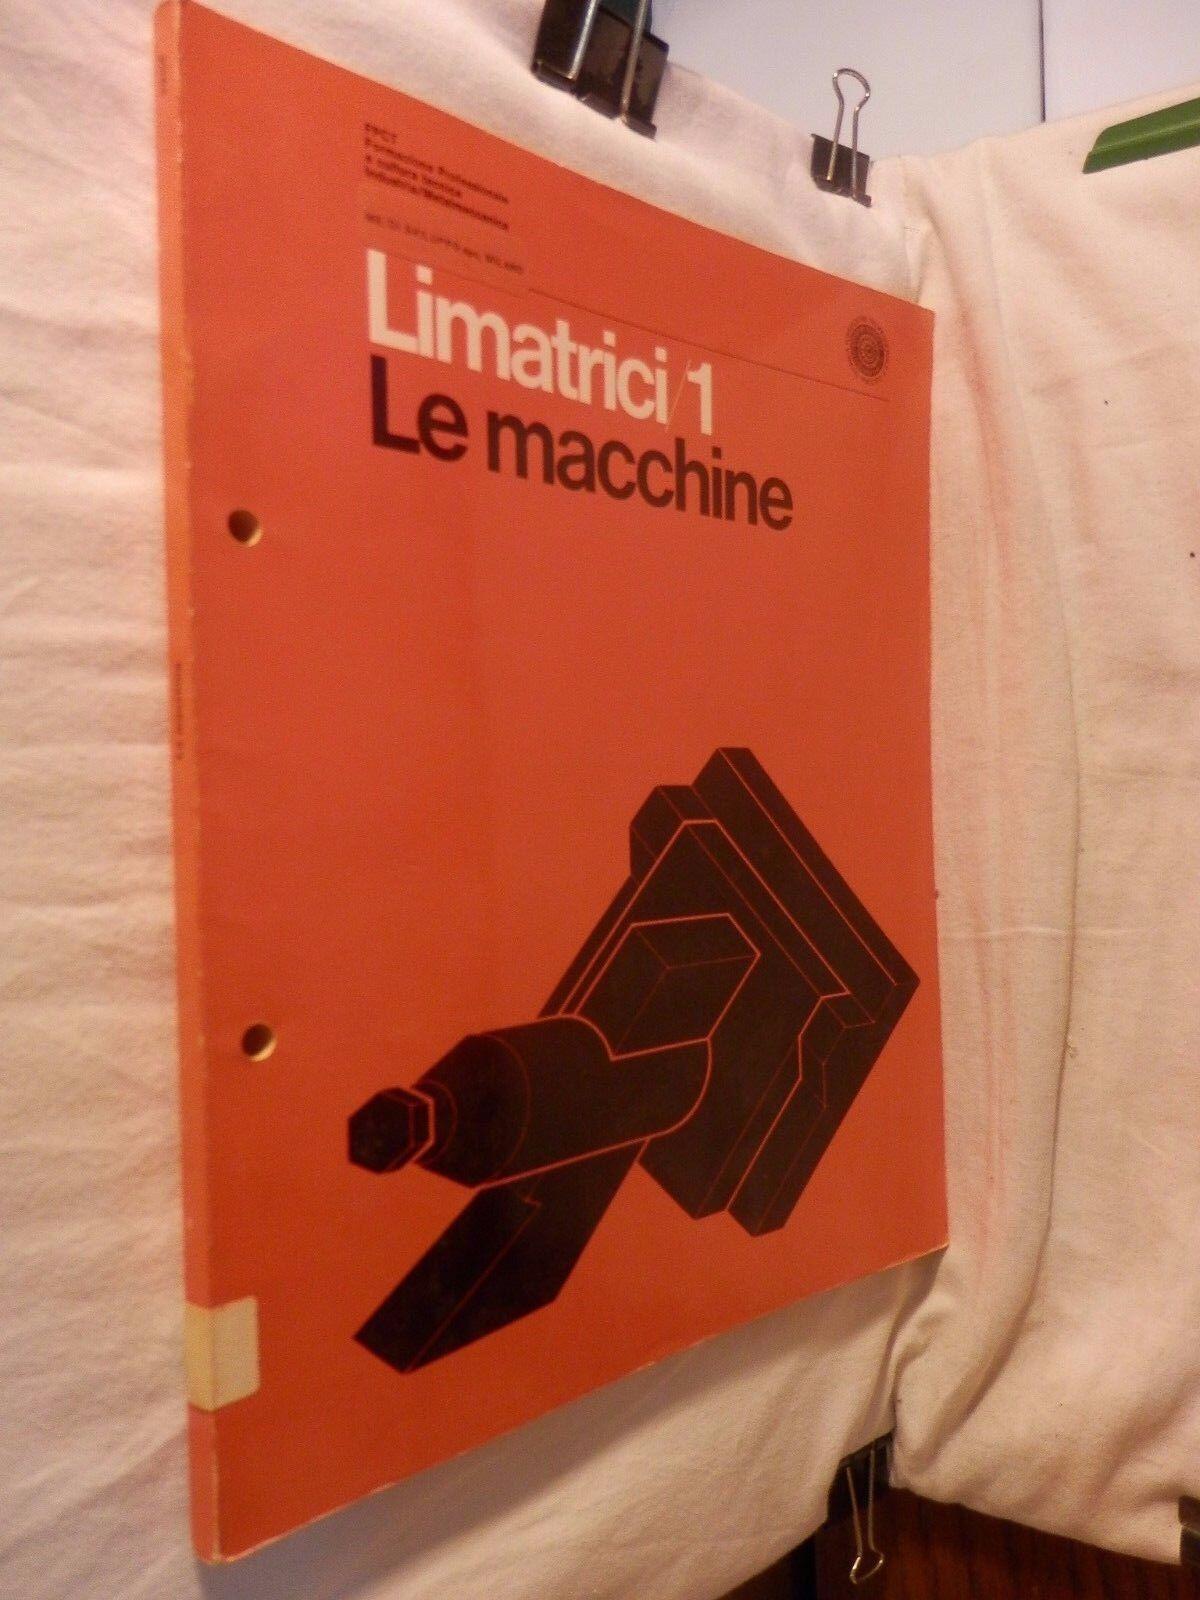 LIMATRICI Vol 1 LE MACCHINE Nino Azzani Sistema didattico FPTC 1972 libro di da